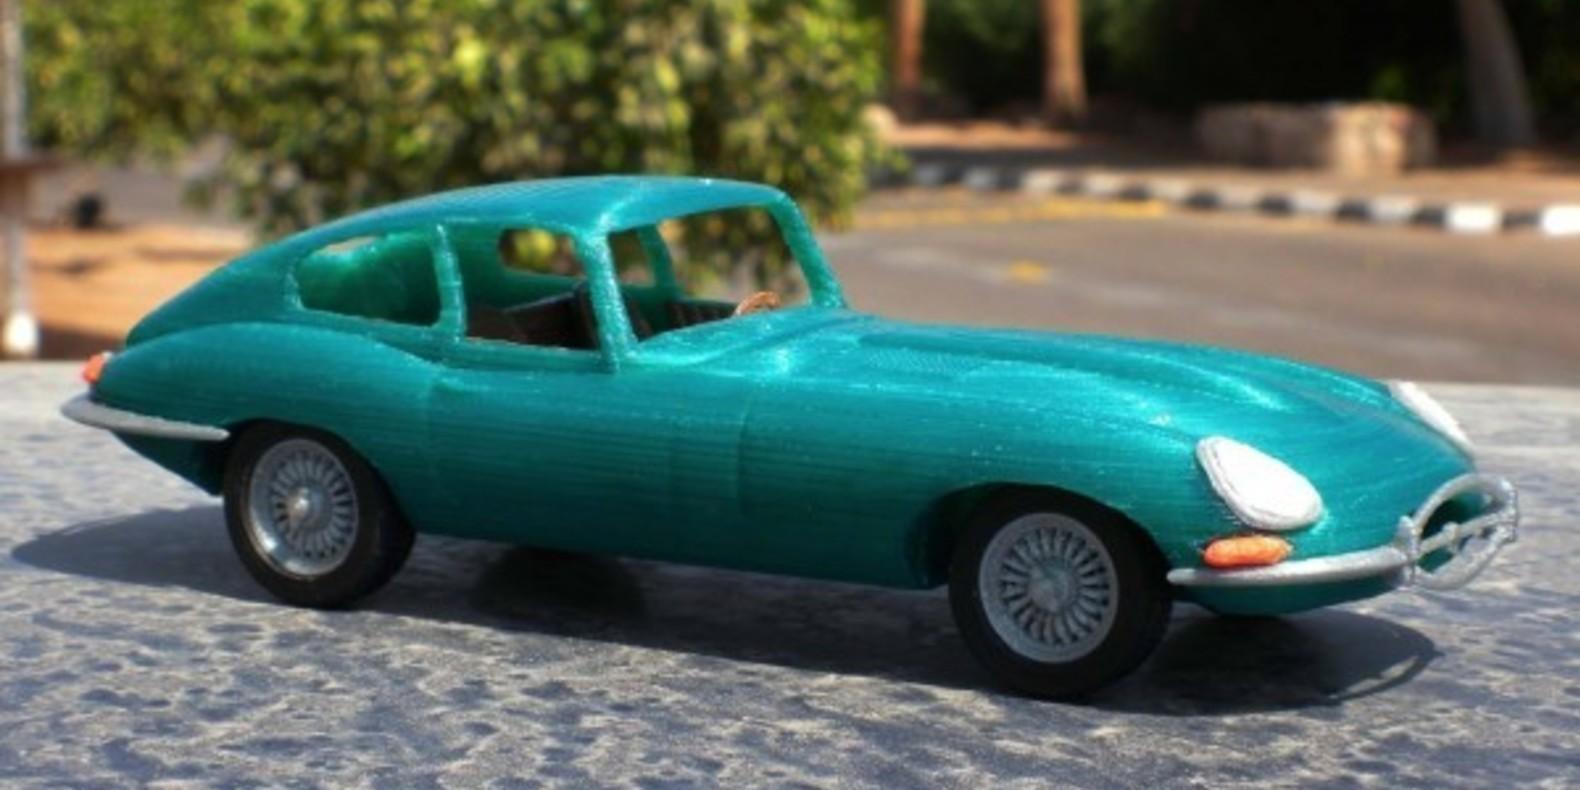 Mao casella jaguar type E maquette model 3D printed imprimé en 3D voiture car fichier STL Cults 1